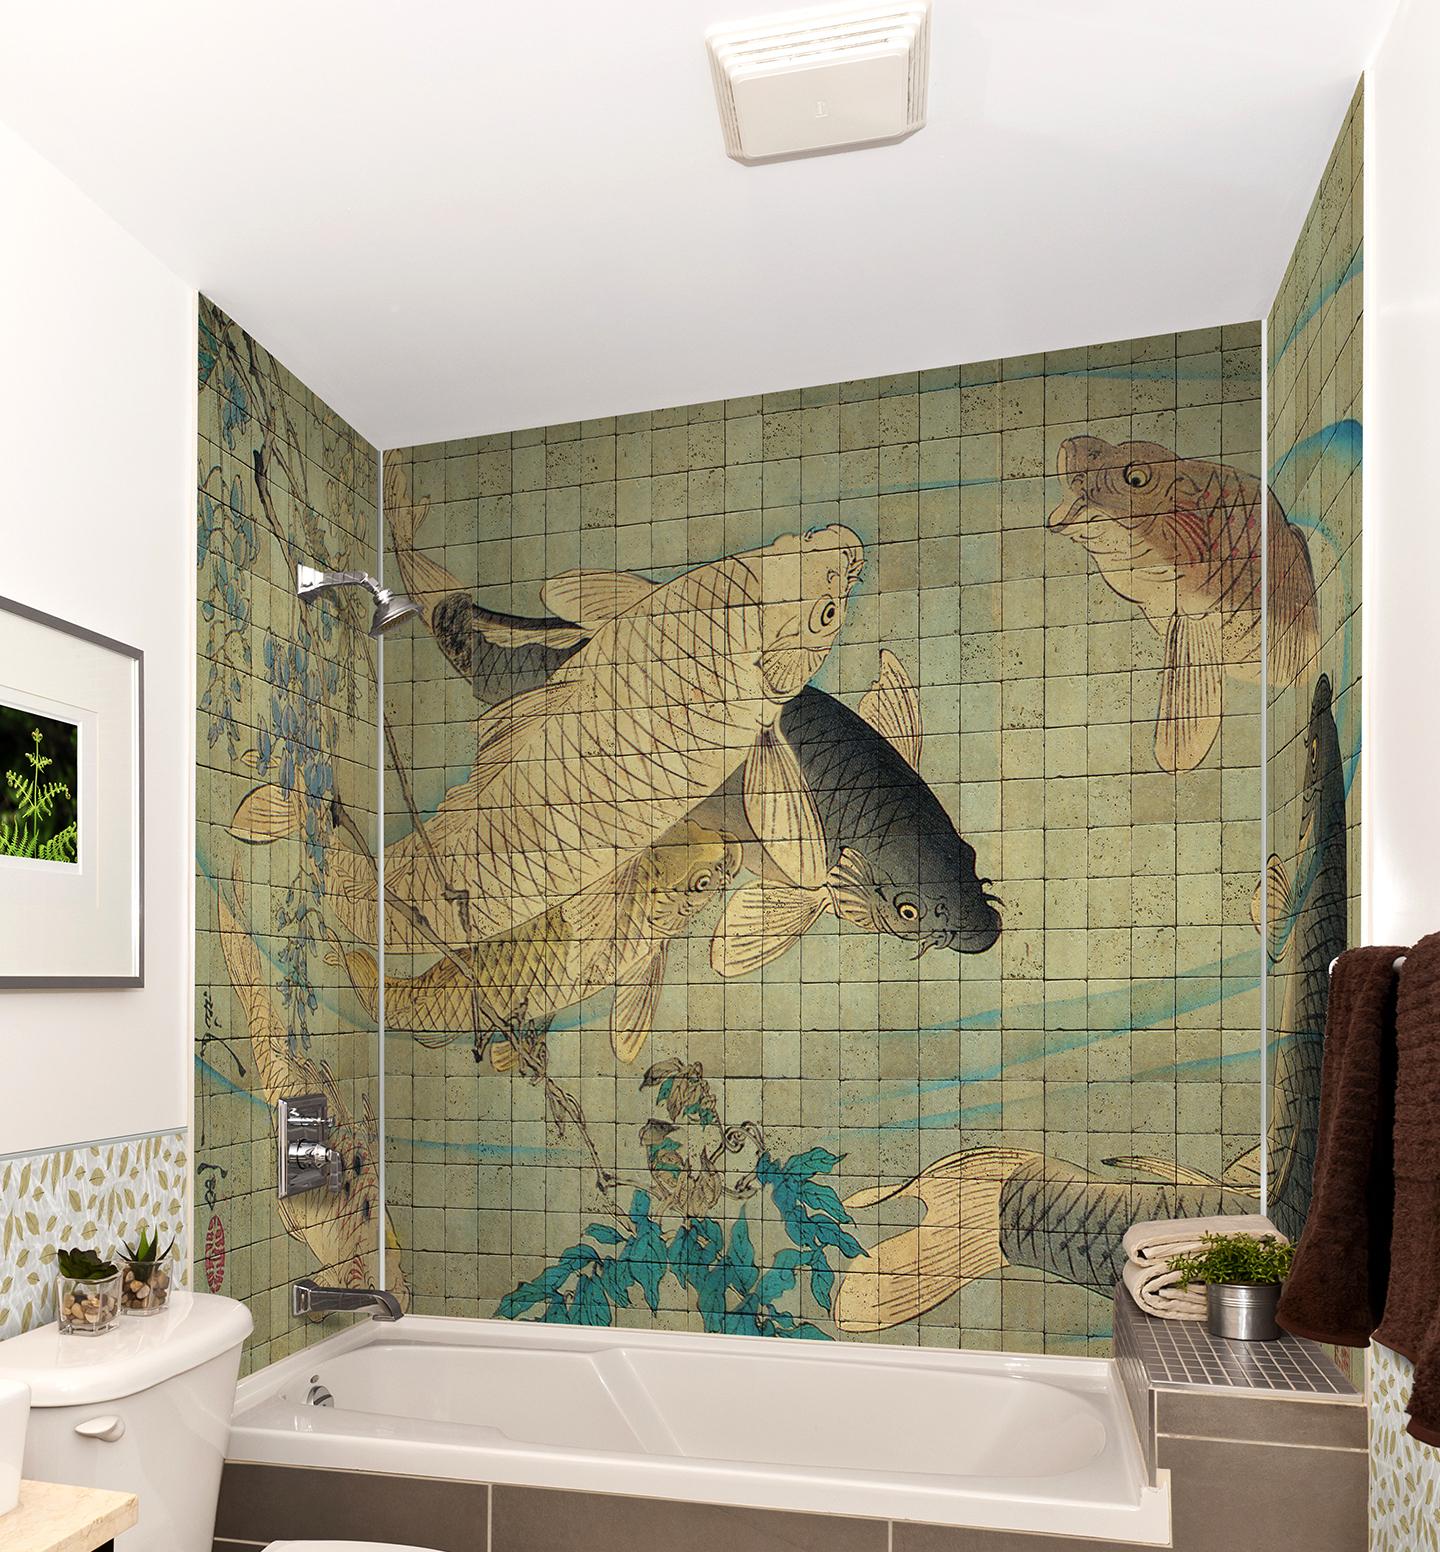 Koi_Bathroom Rendering.jpg